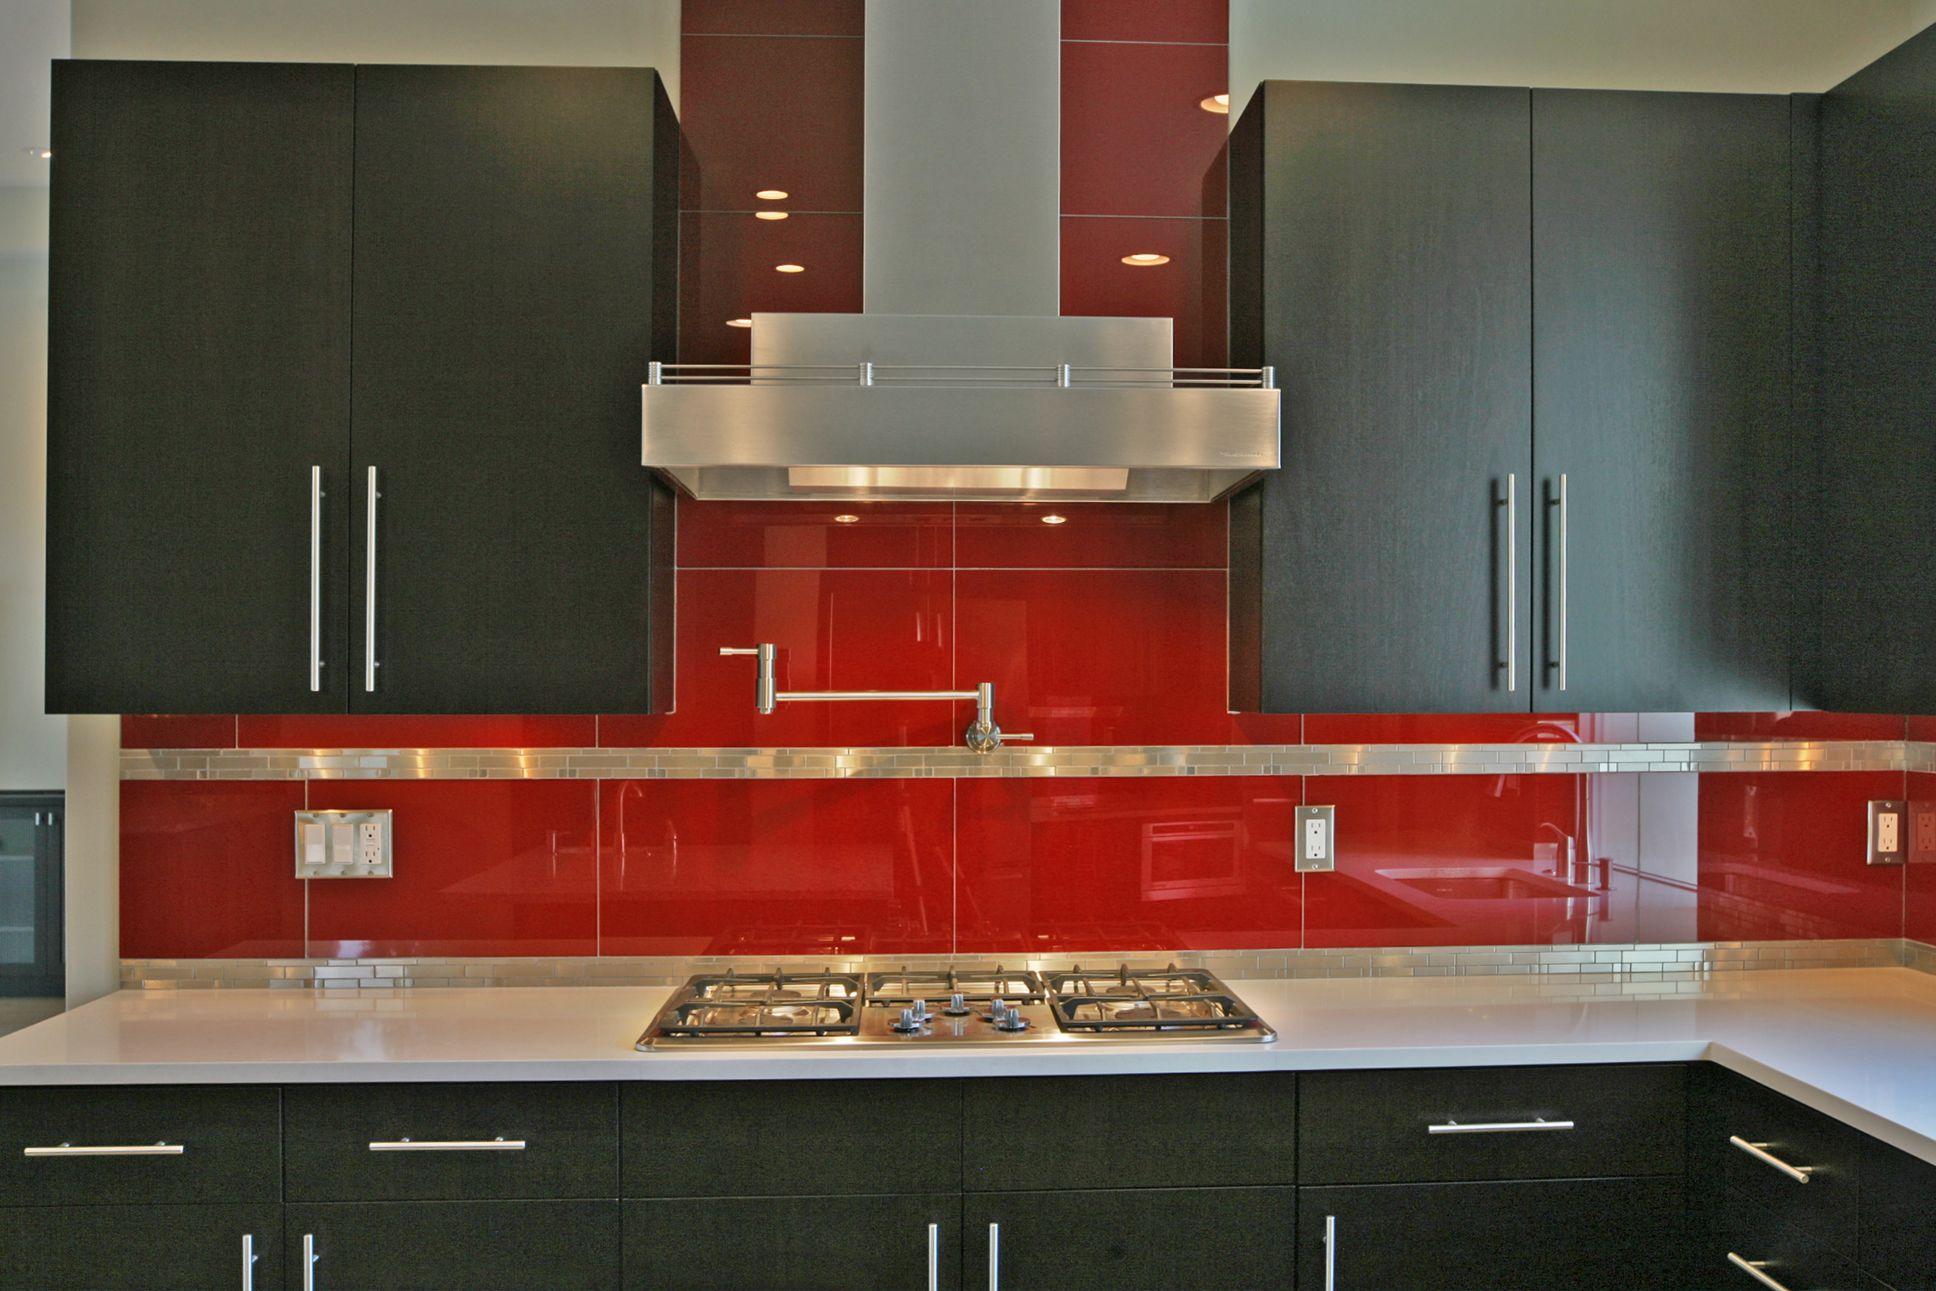 Makes Your Kitchen Looks Larger With Glass Tile Backsplash In 2020 Kitchen Backsplash Images Modern Kitchen Backsplash Beautiful Kitchens